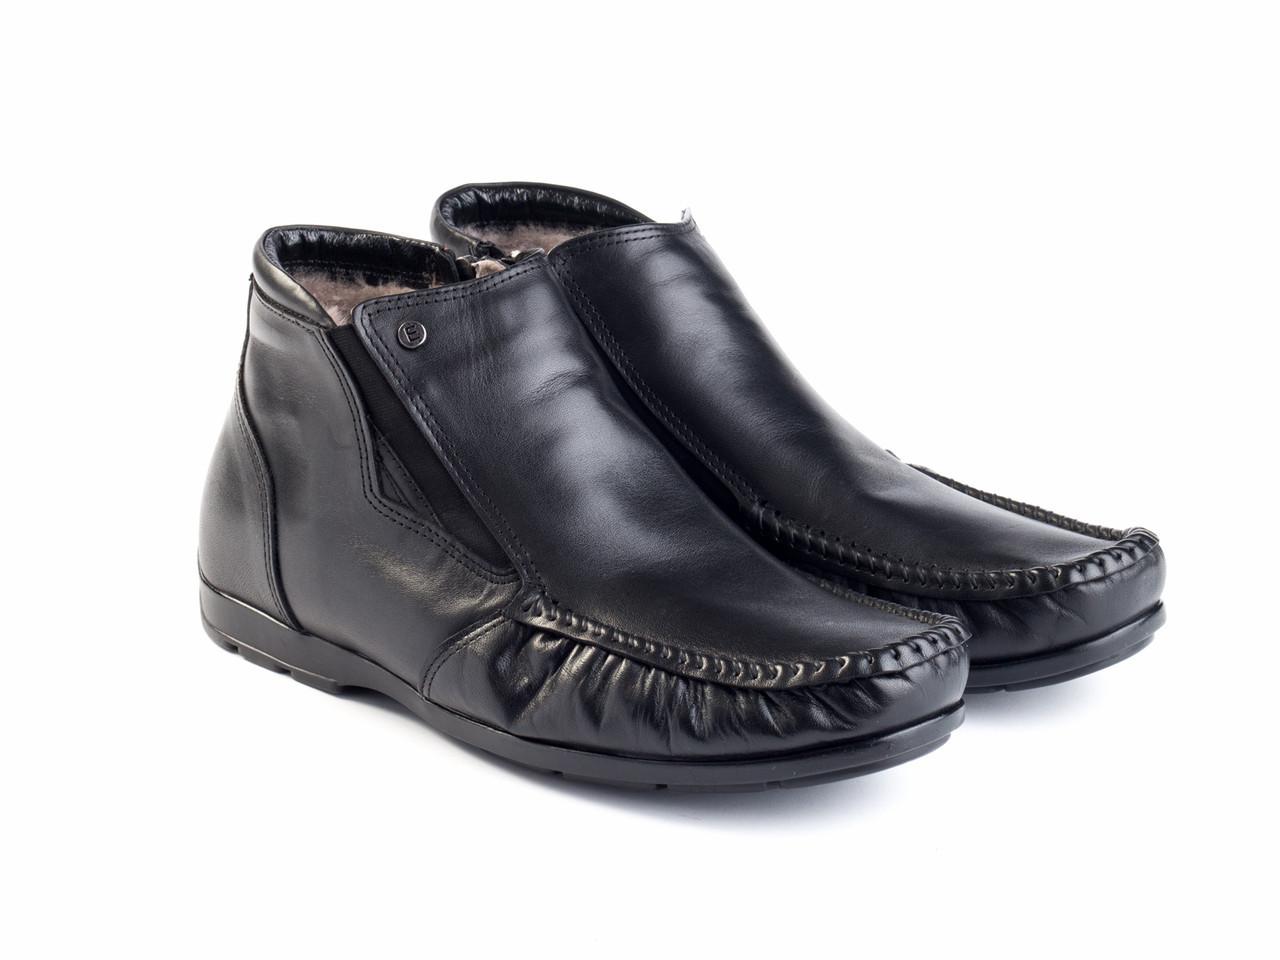 Ботинки Etor 14668-7383 43 черные